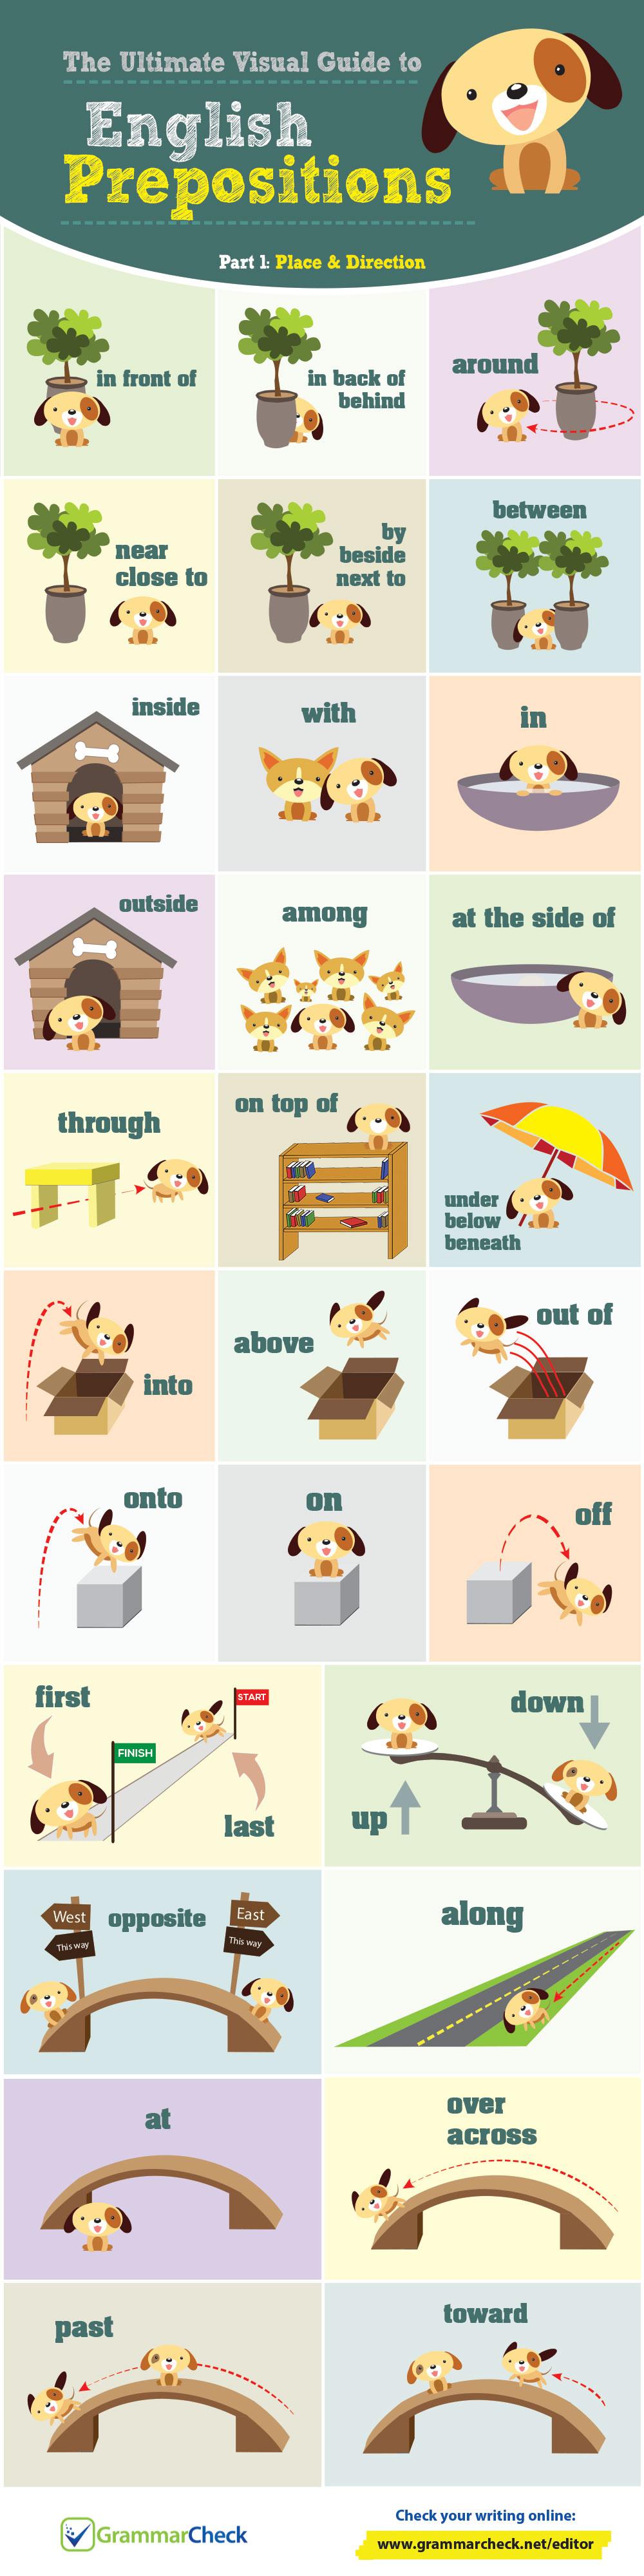 حروف الجر في اللغة الإنجليزية بالرسومات - المصدر: GrammarCheck.net